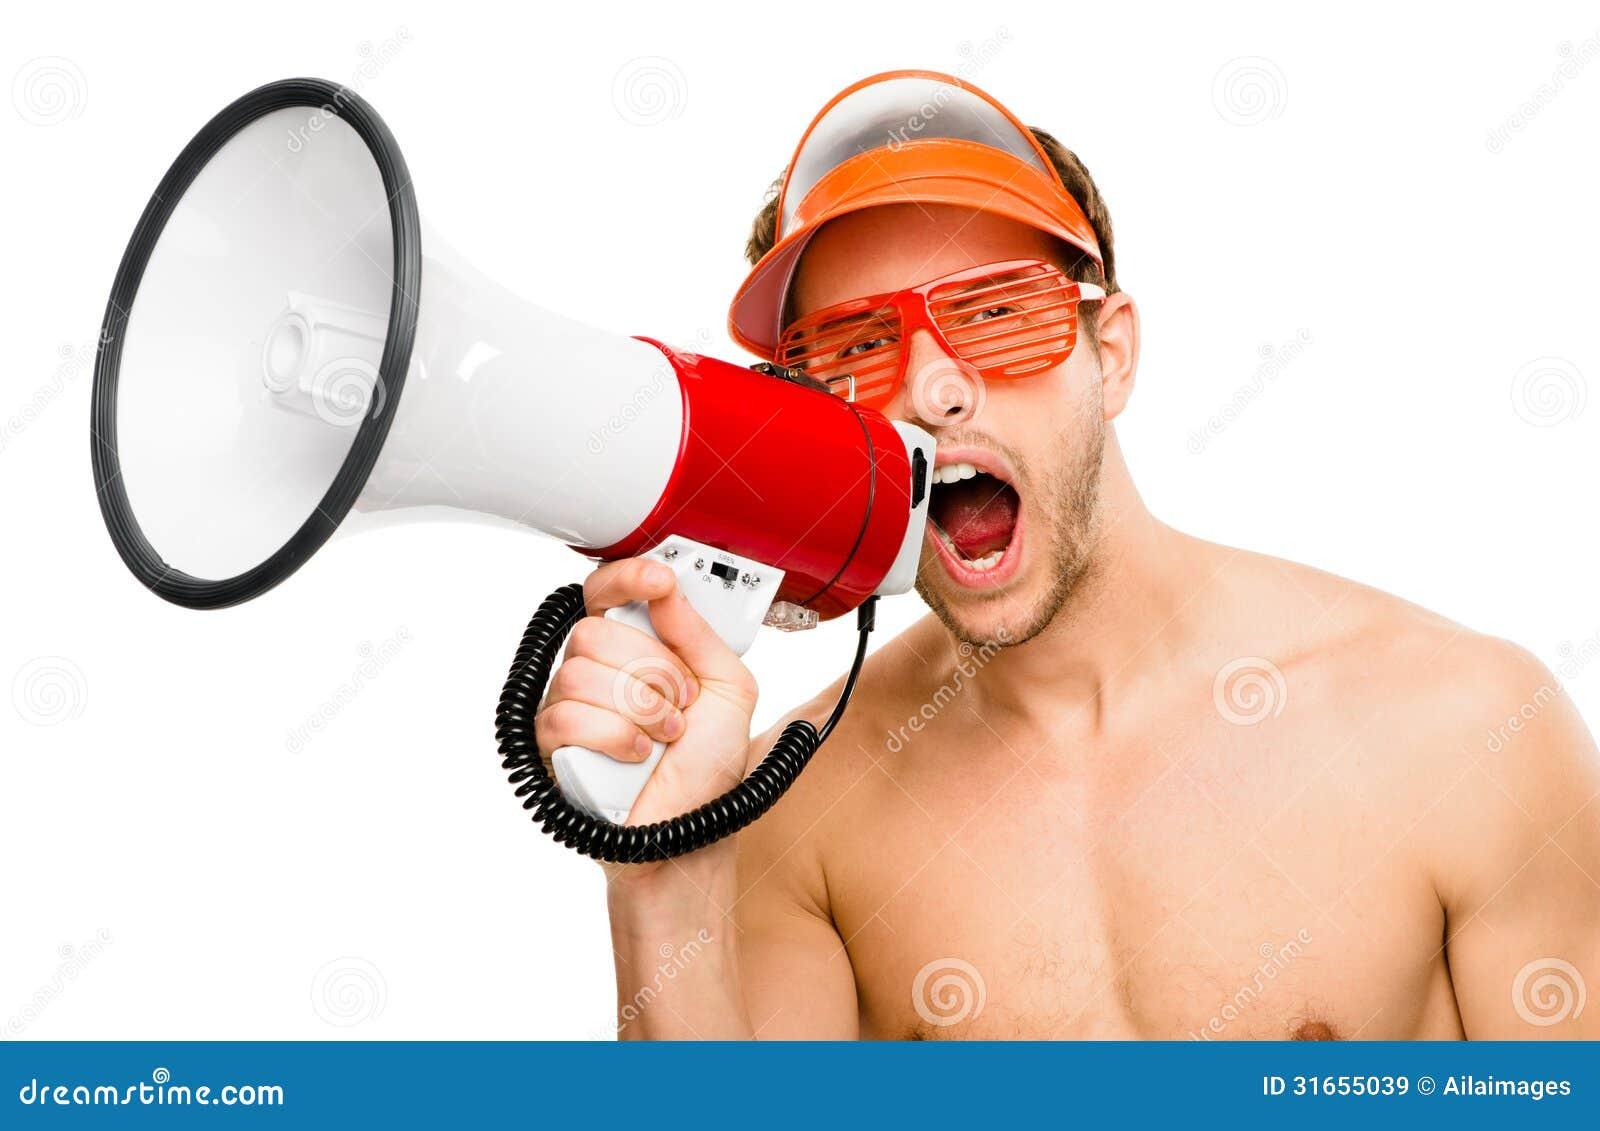 Sexig manlig lifegaurd som ropar i megafon på vit bakgrund